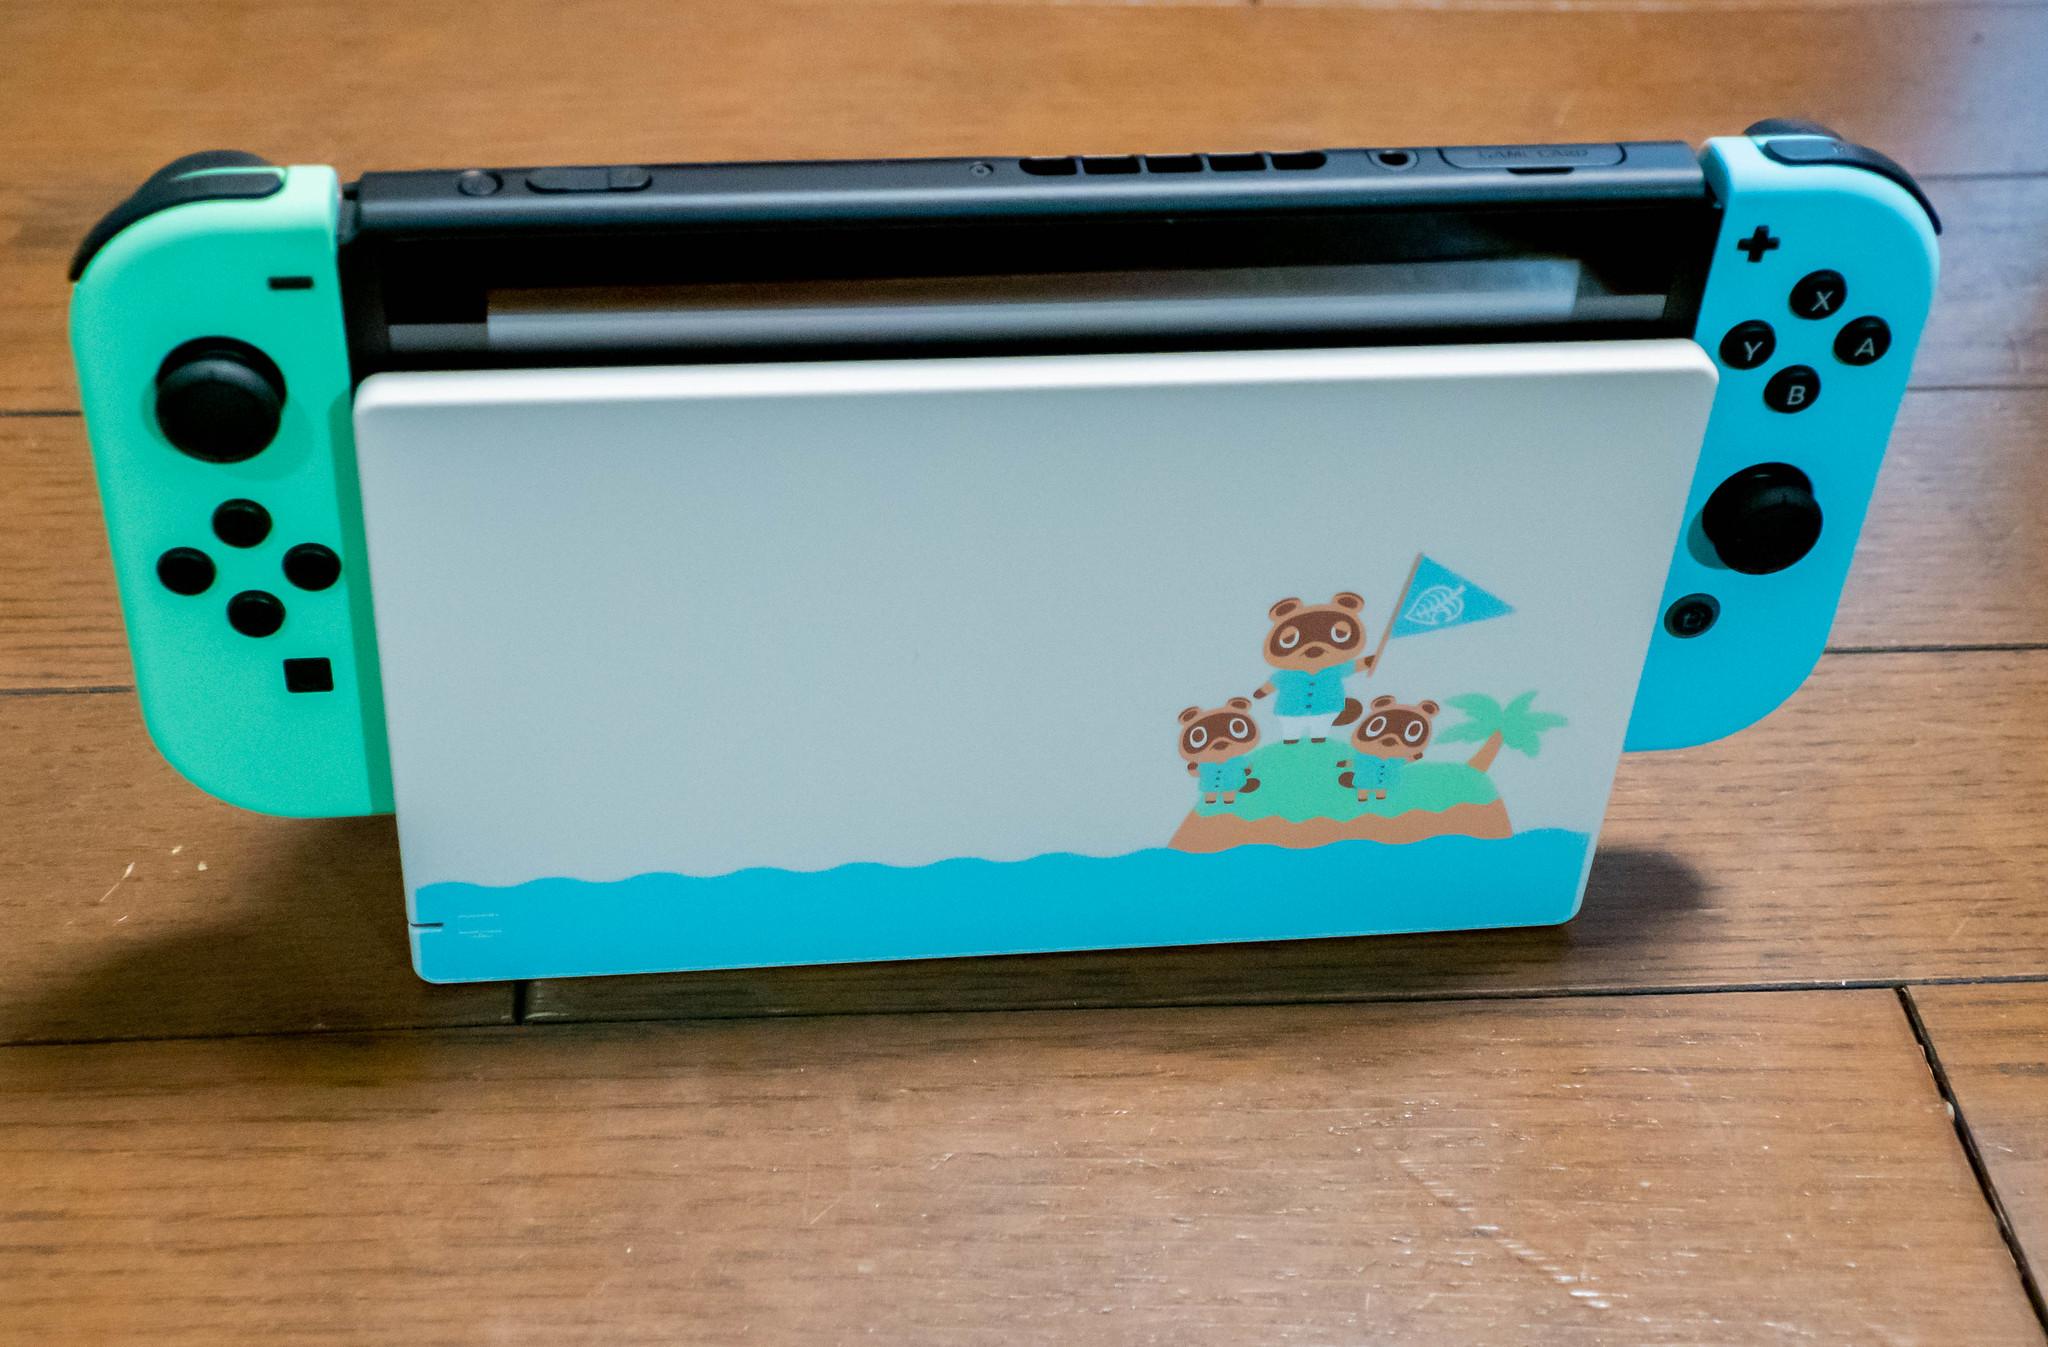 合格祝いに Nintendo Switch あつまれ どうぶつの森セット